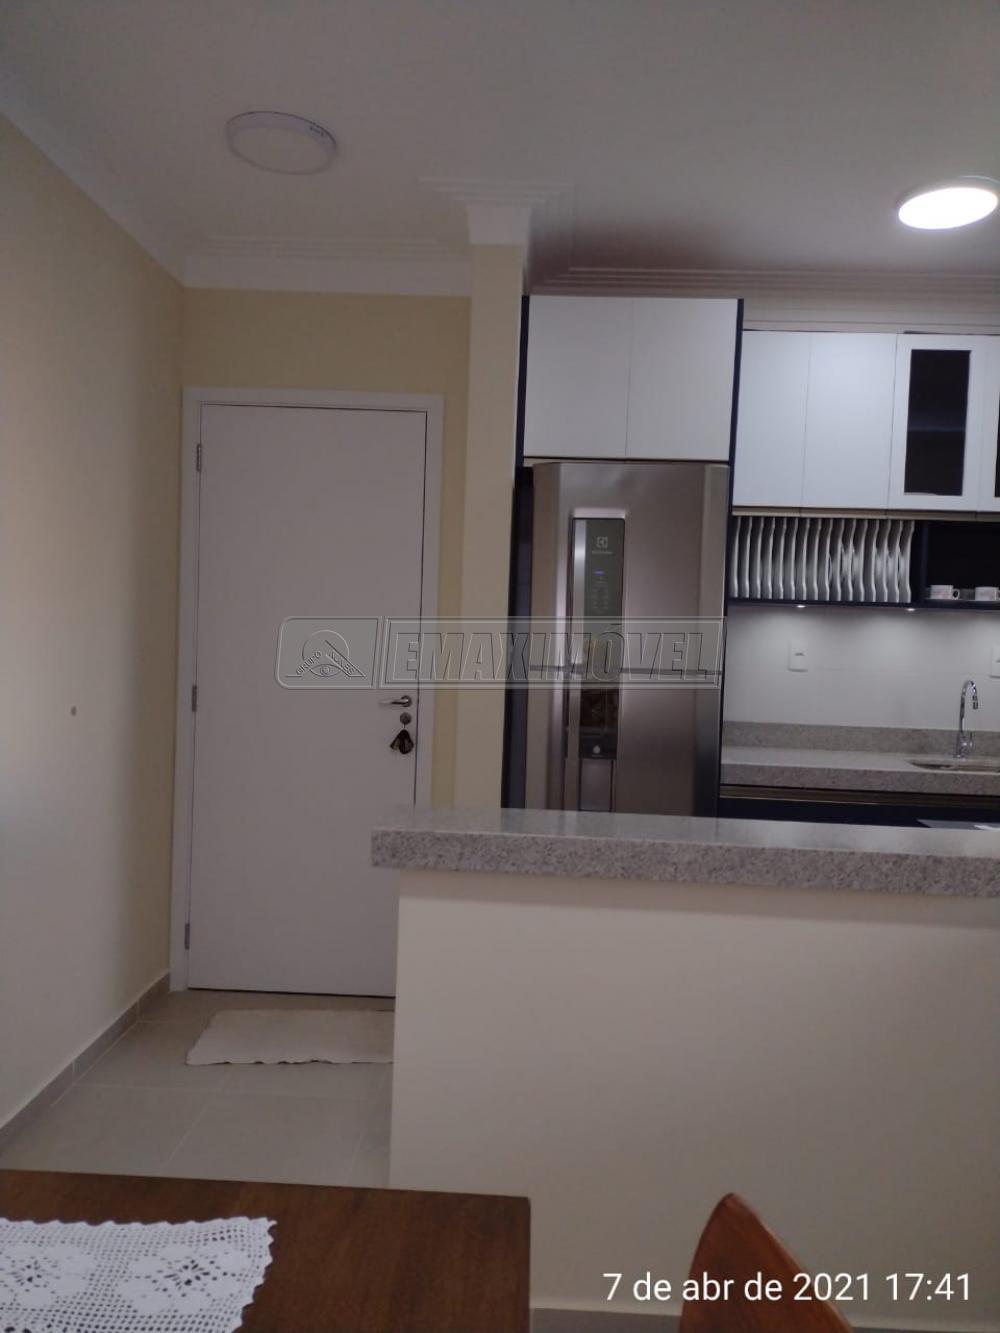 Comprar Apartamentos / Apto Padrão em Sorocaba R$ 280.000,00 - Foto 26